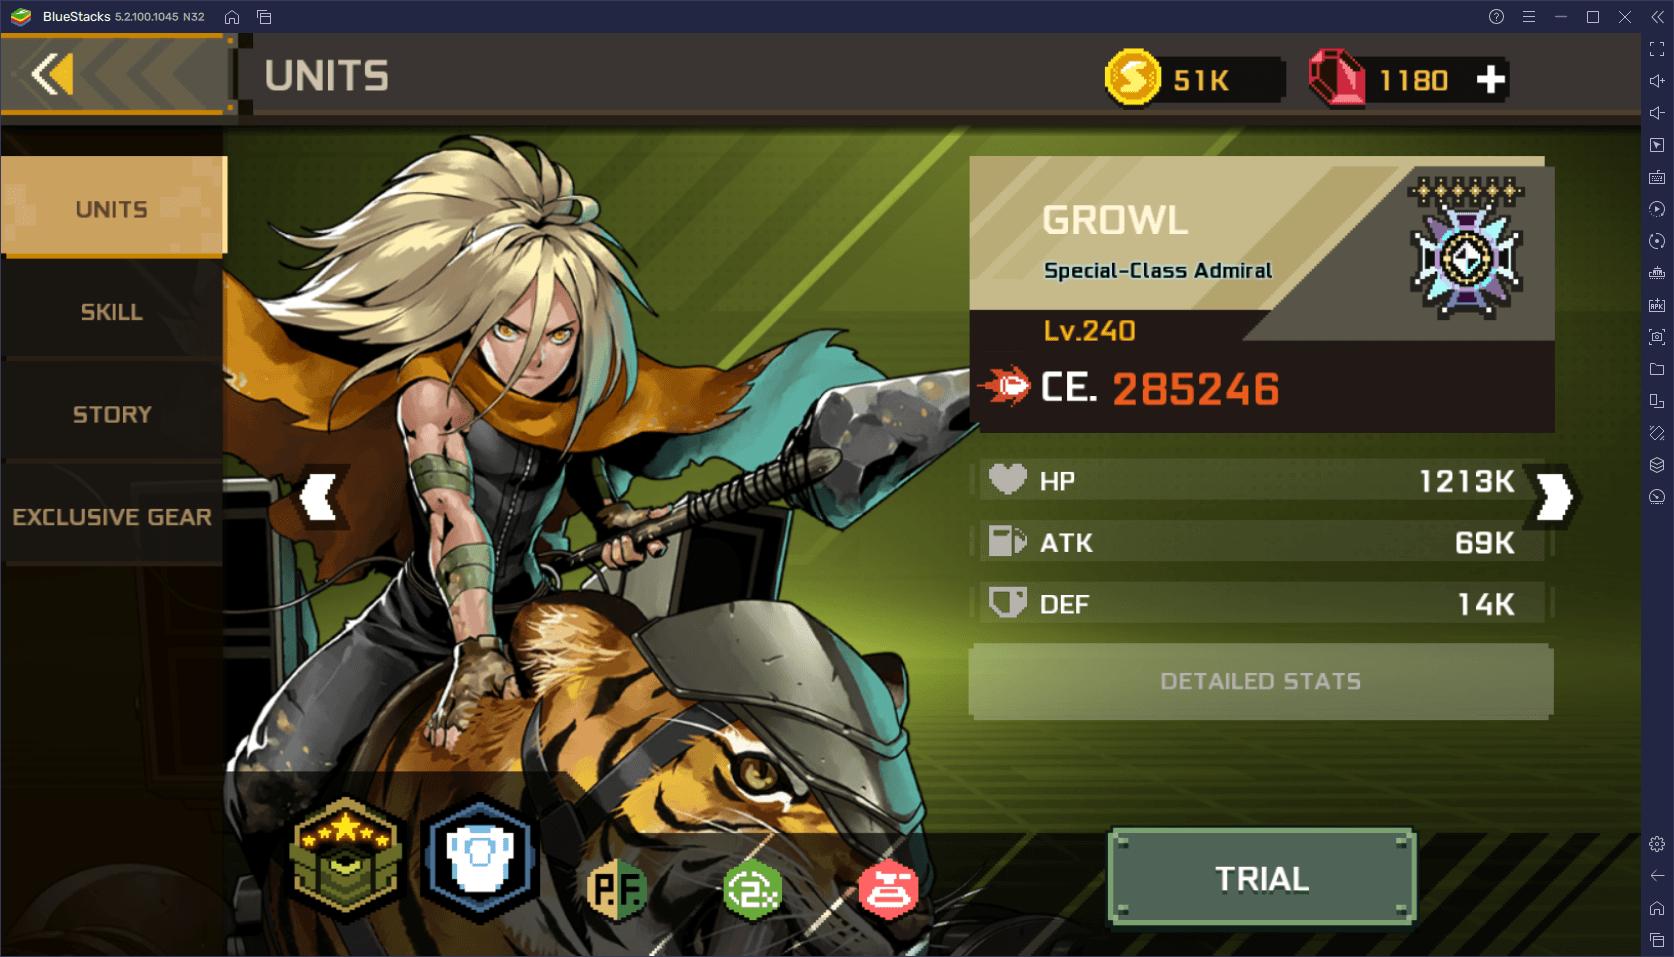 Les Meilleurs Personnages de Metal Slug: Commander Characters – Les Unités les Plus Puissantes du Jeu